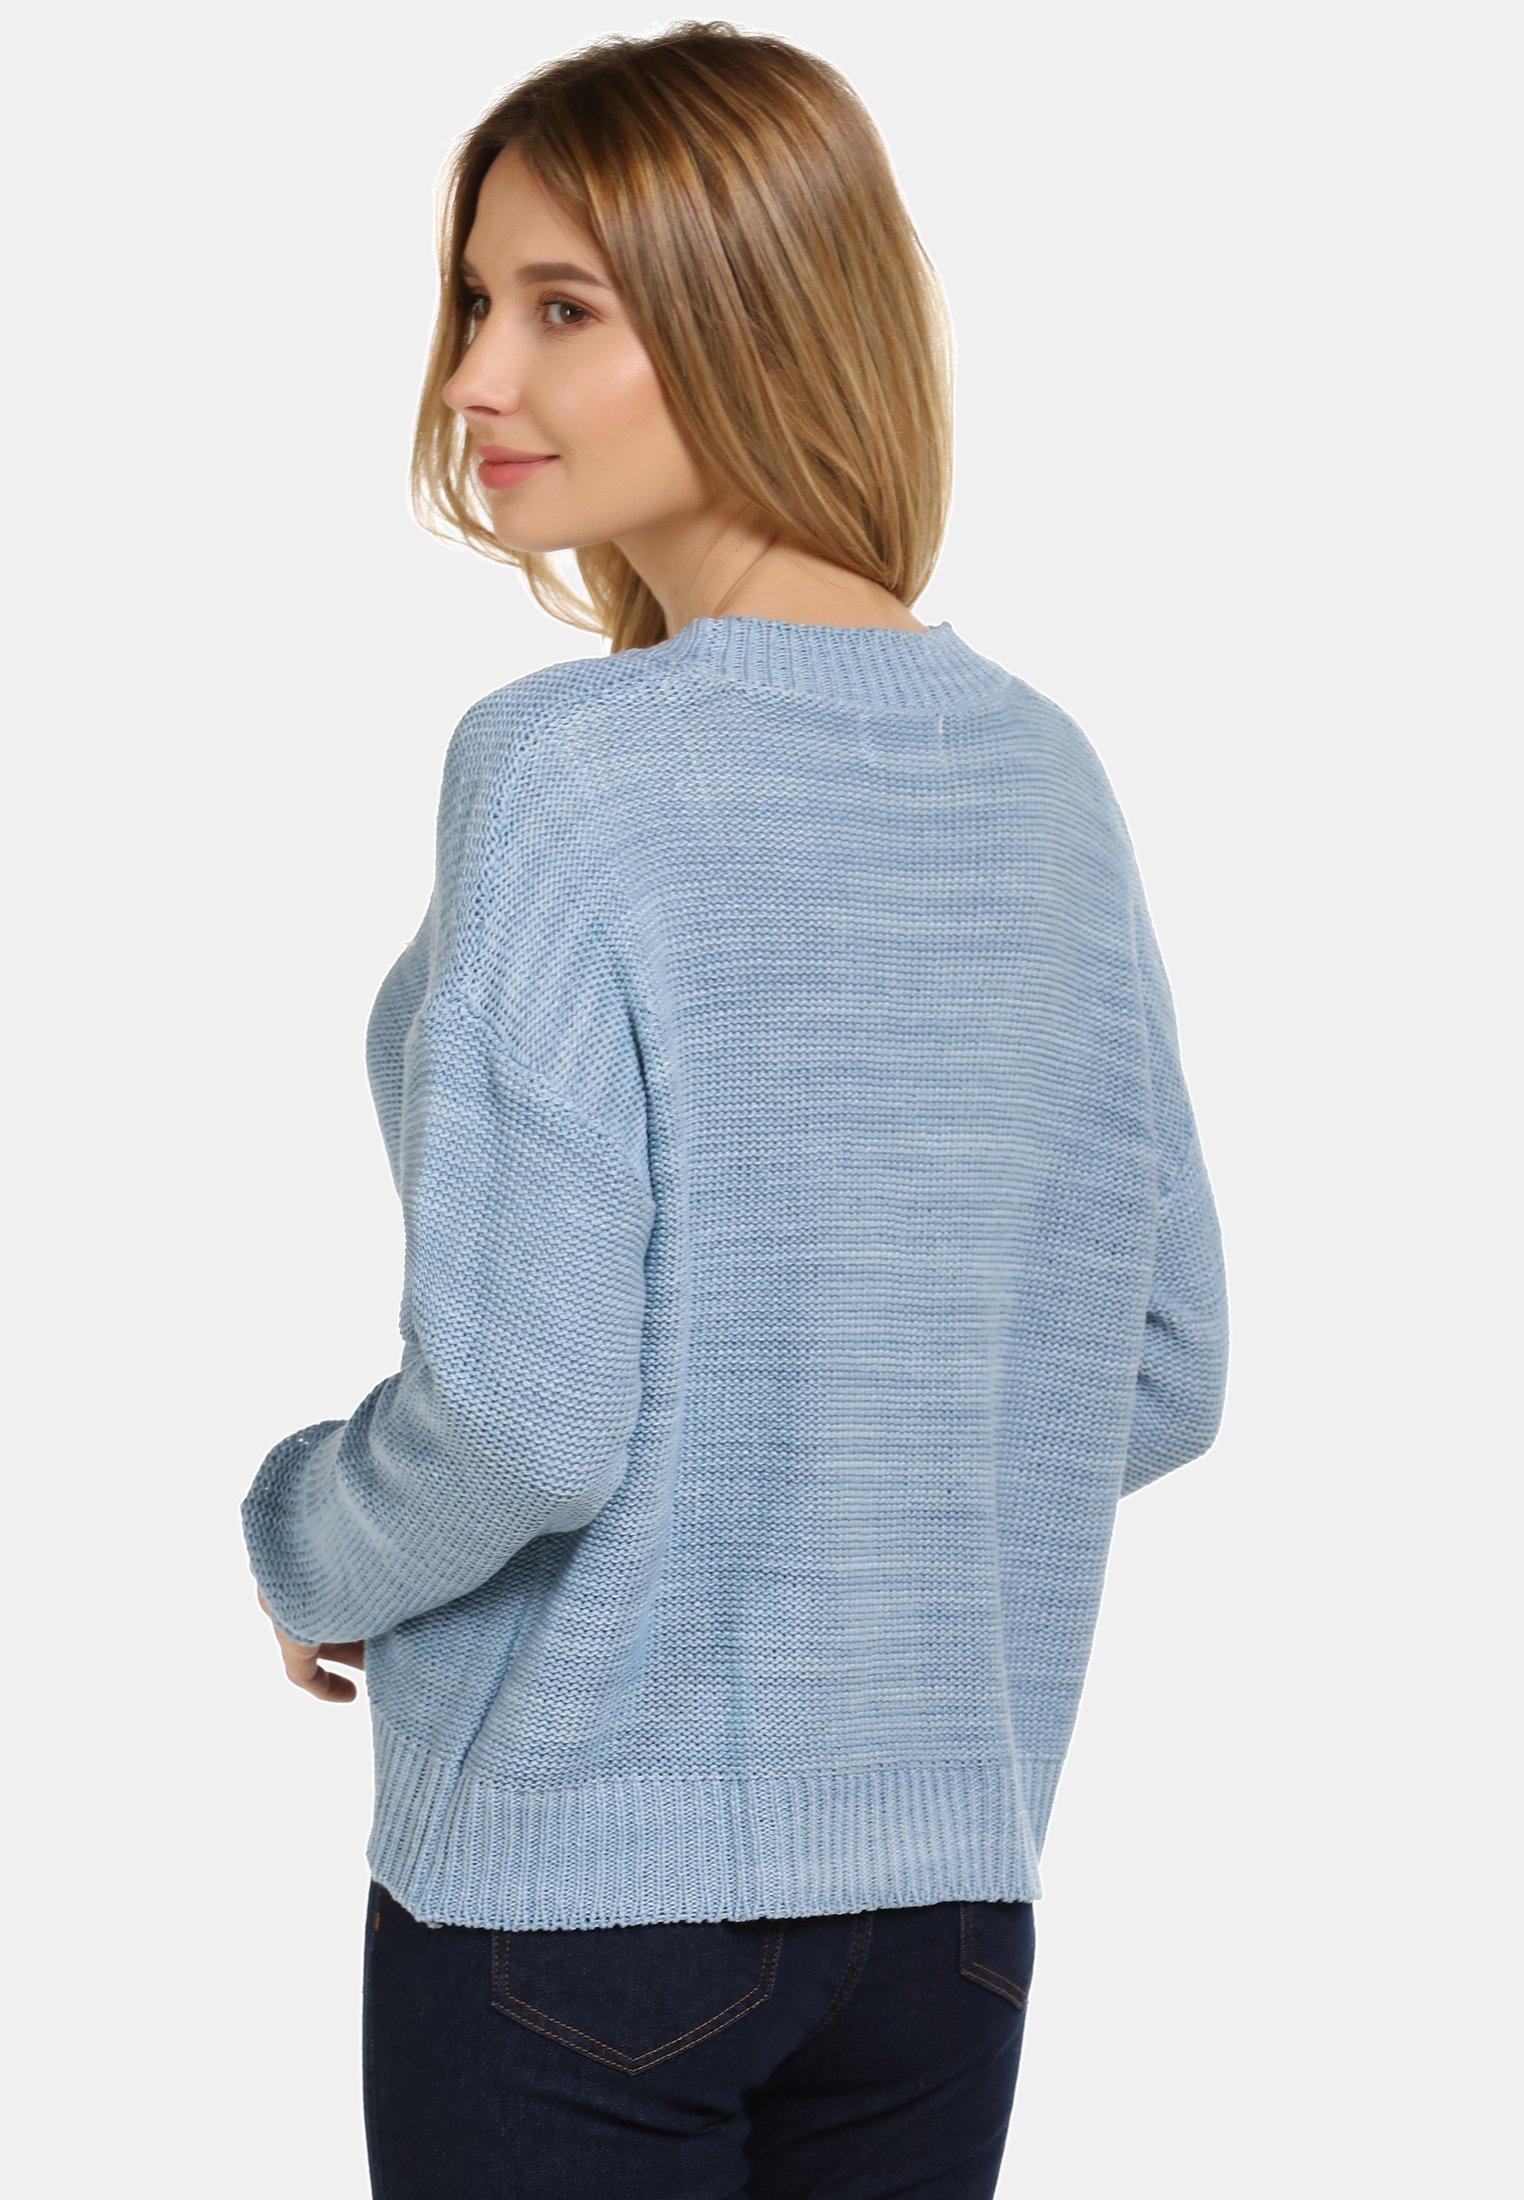 New Fashion Style Of Women's Clothing usha Cardigan light blue q3kBaBnqN